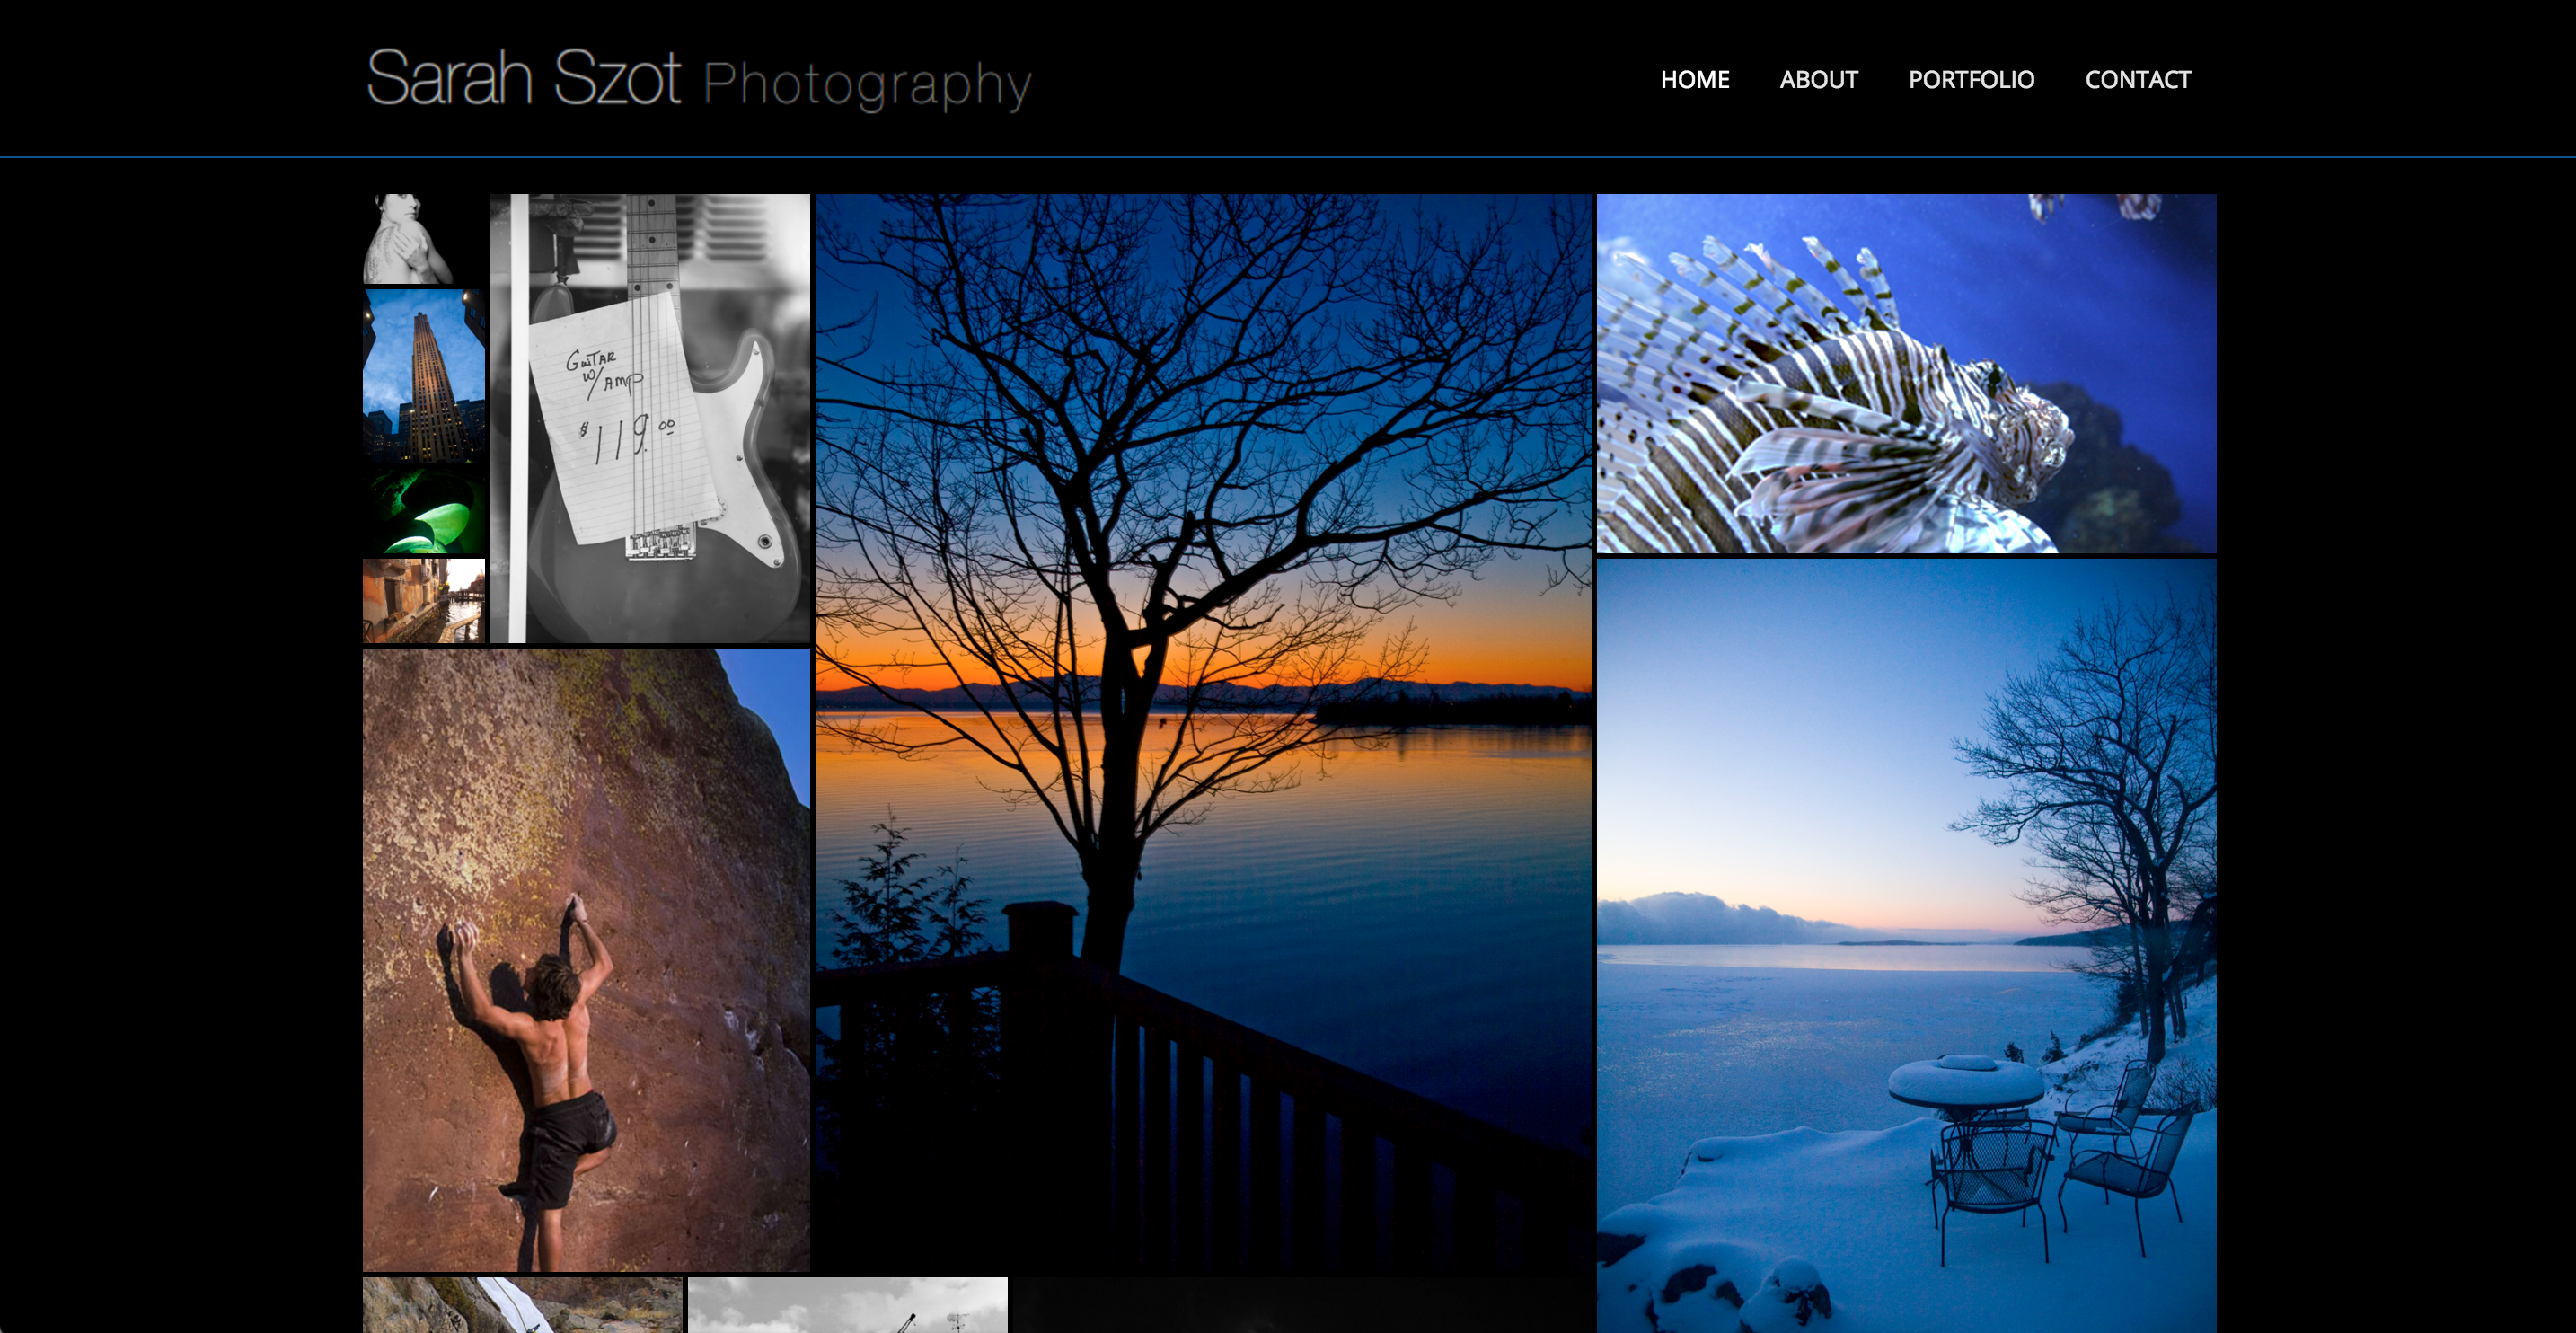 Sarah Szot Photography